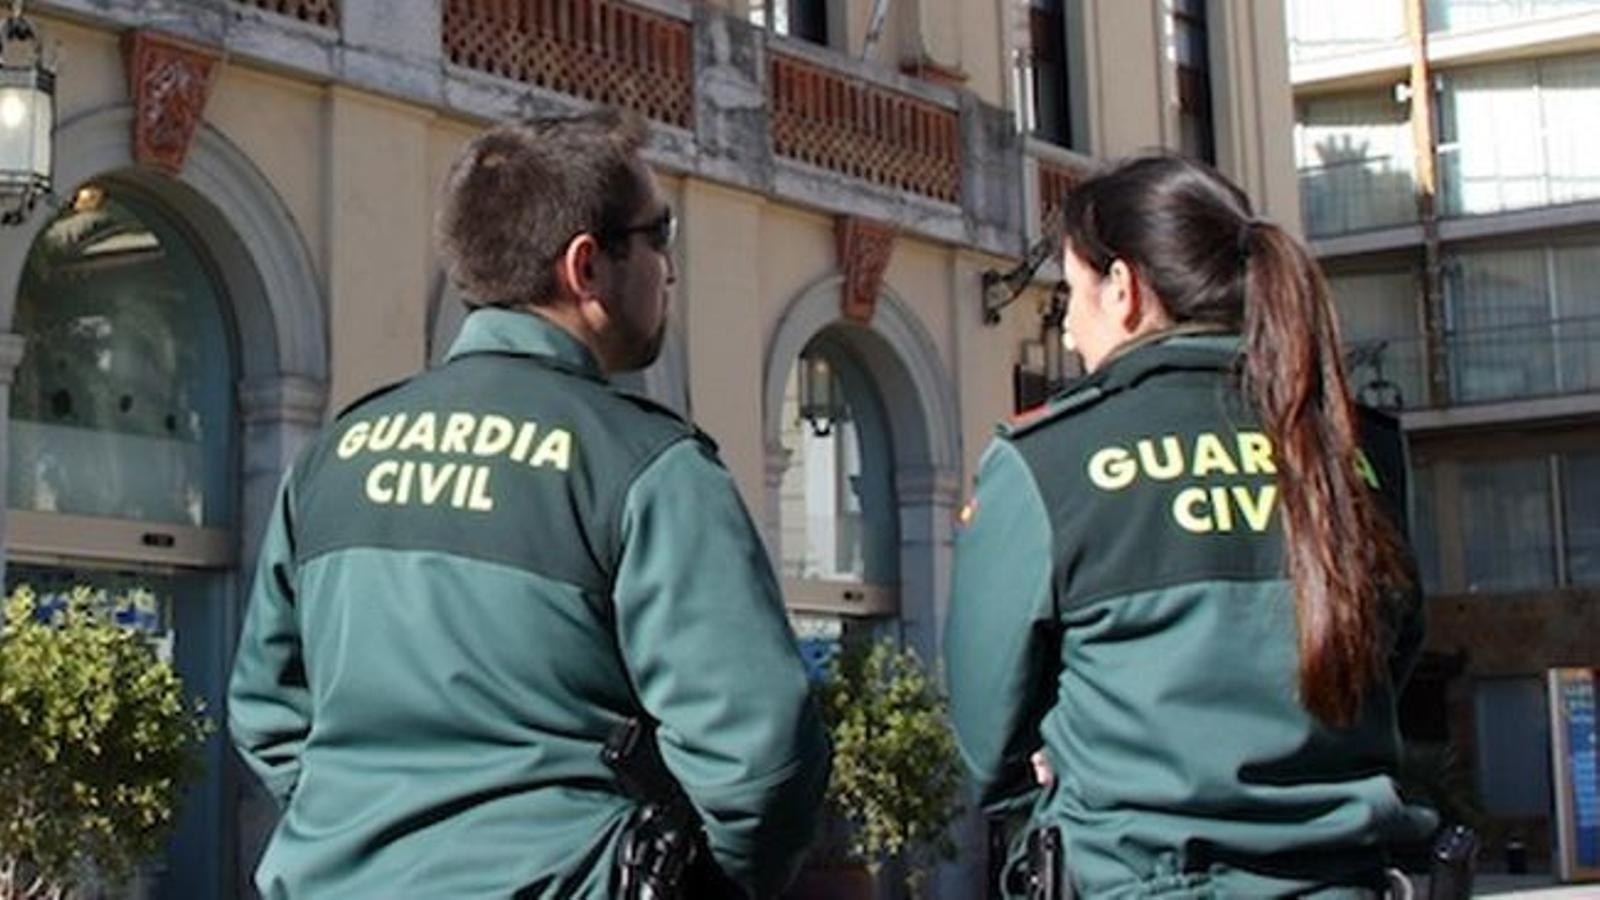 Una parella de guàrdies civils, en una imatge d'arxiu